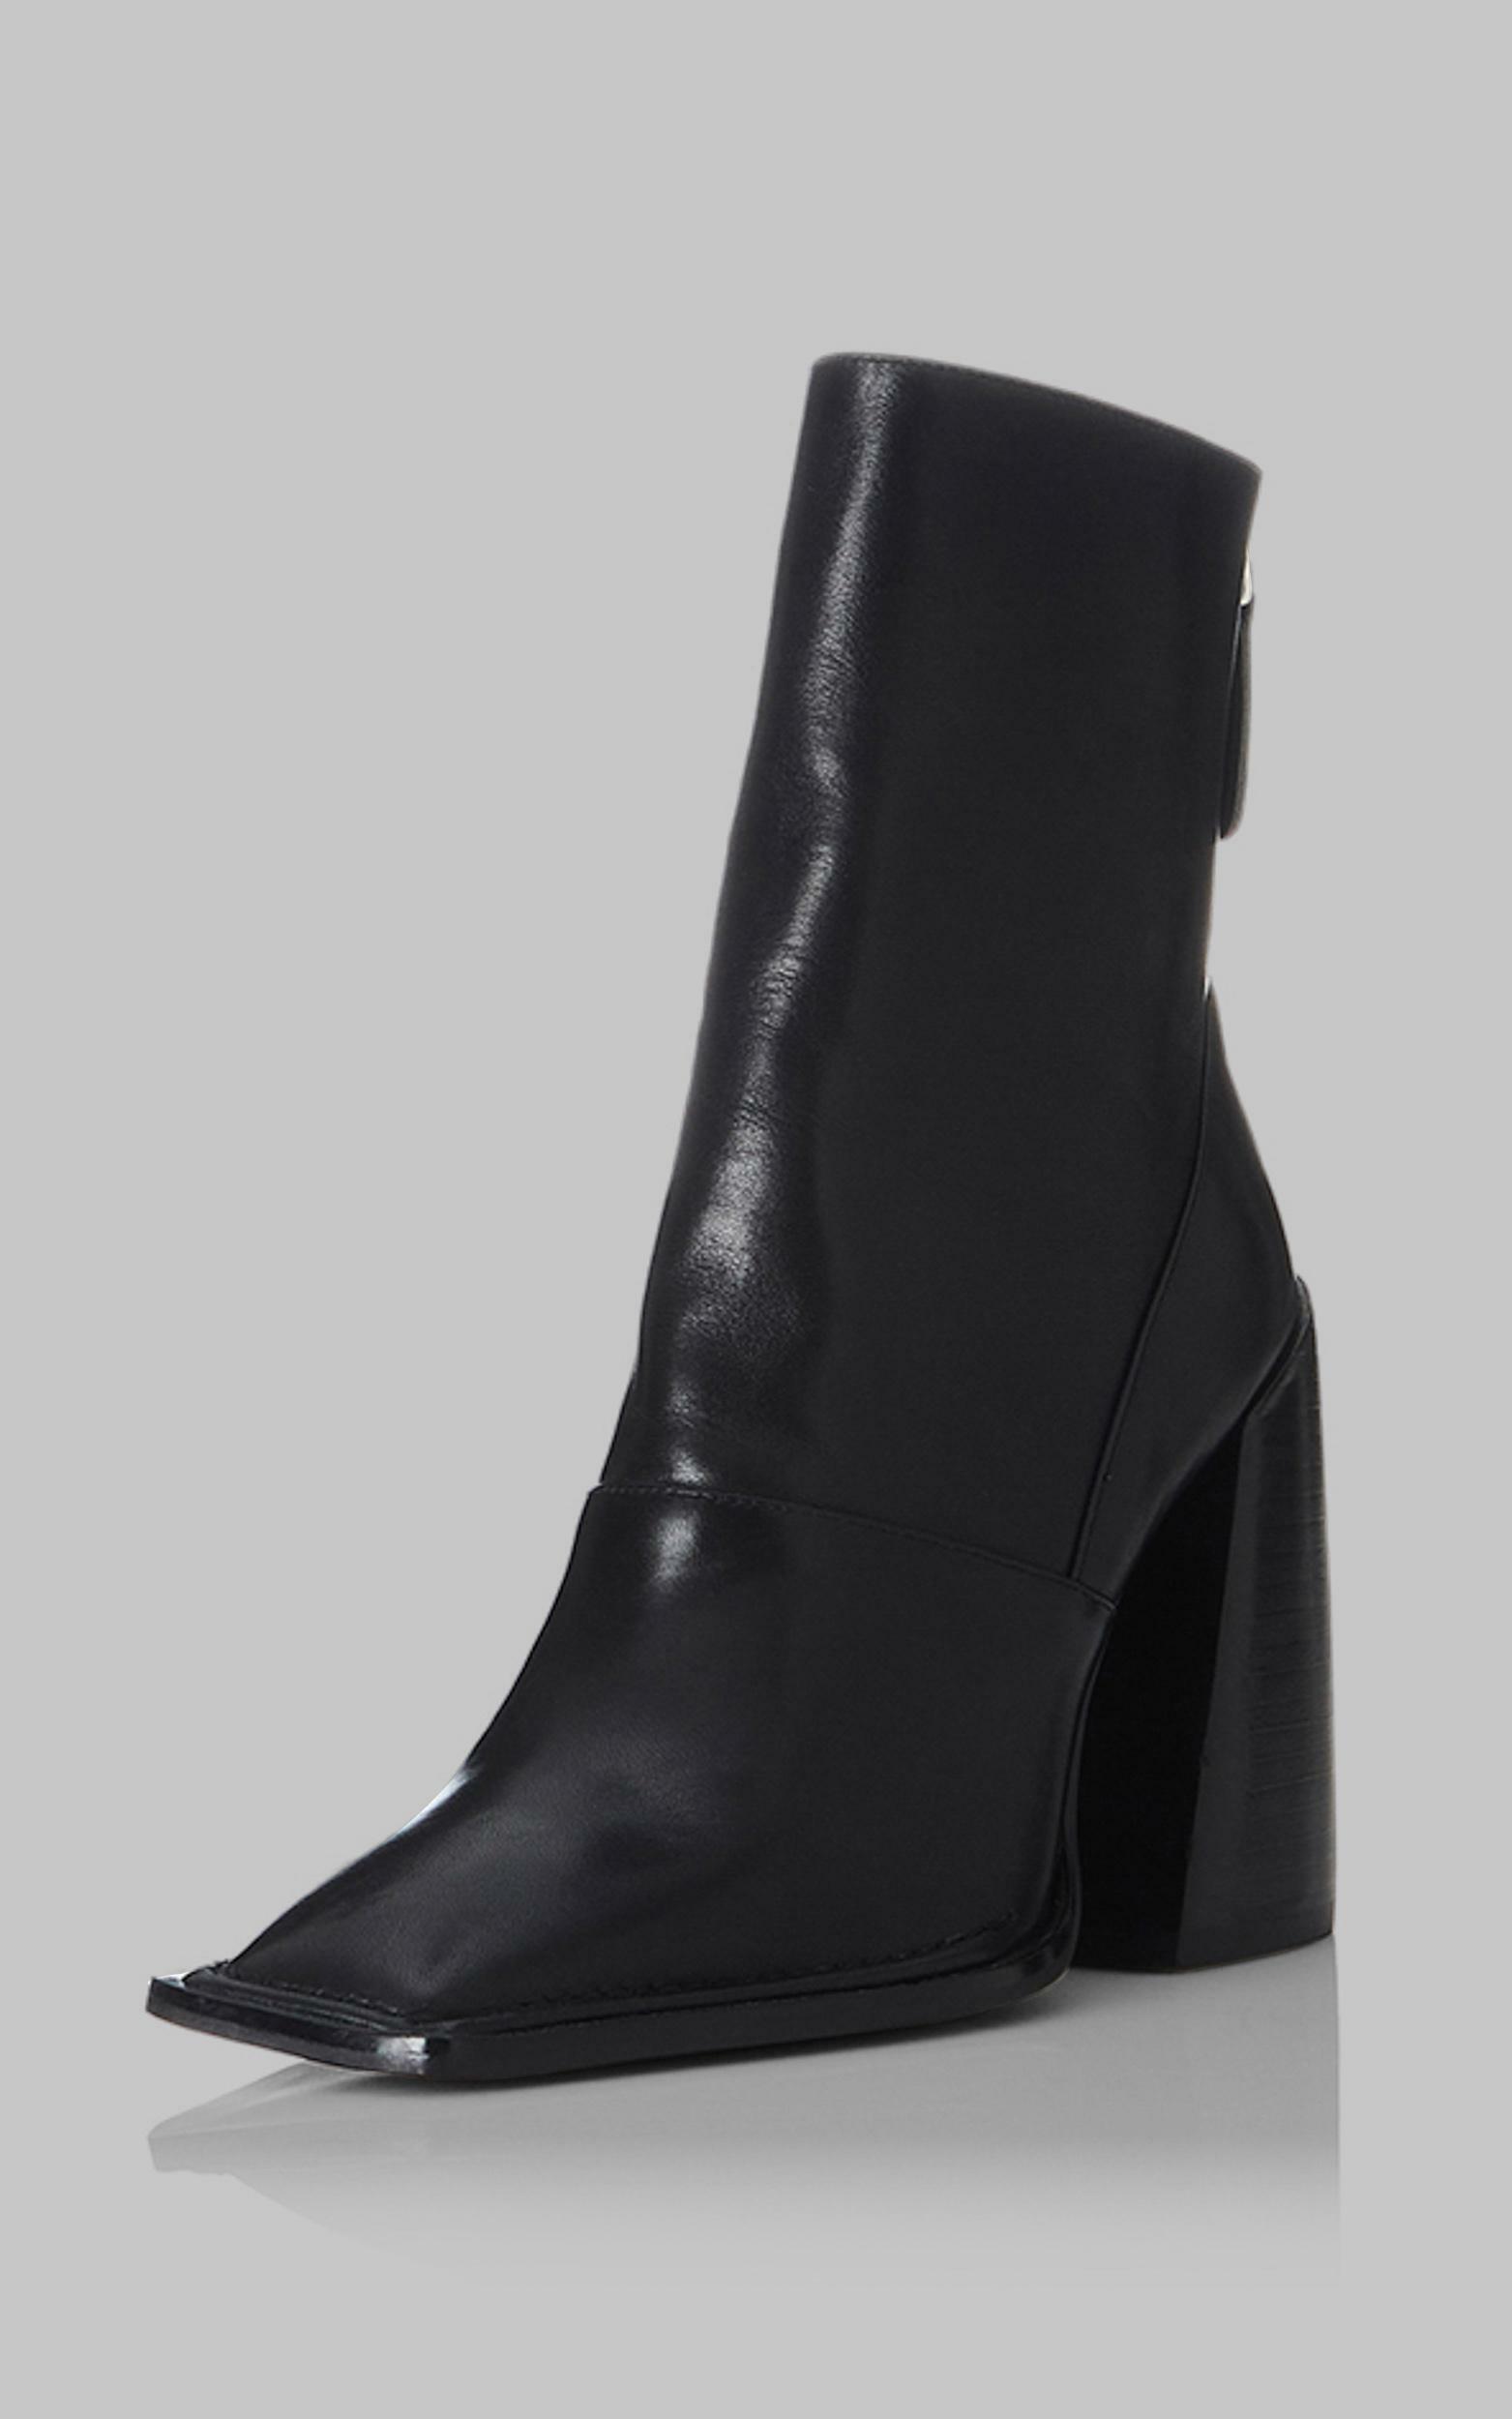 Alias Mae - Eden Boots in Black Burnished - 5.5, BLK2, hi-res image number null